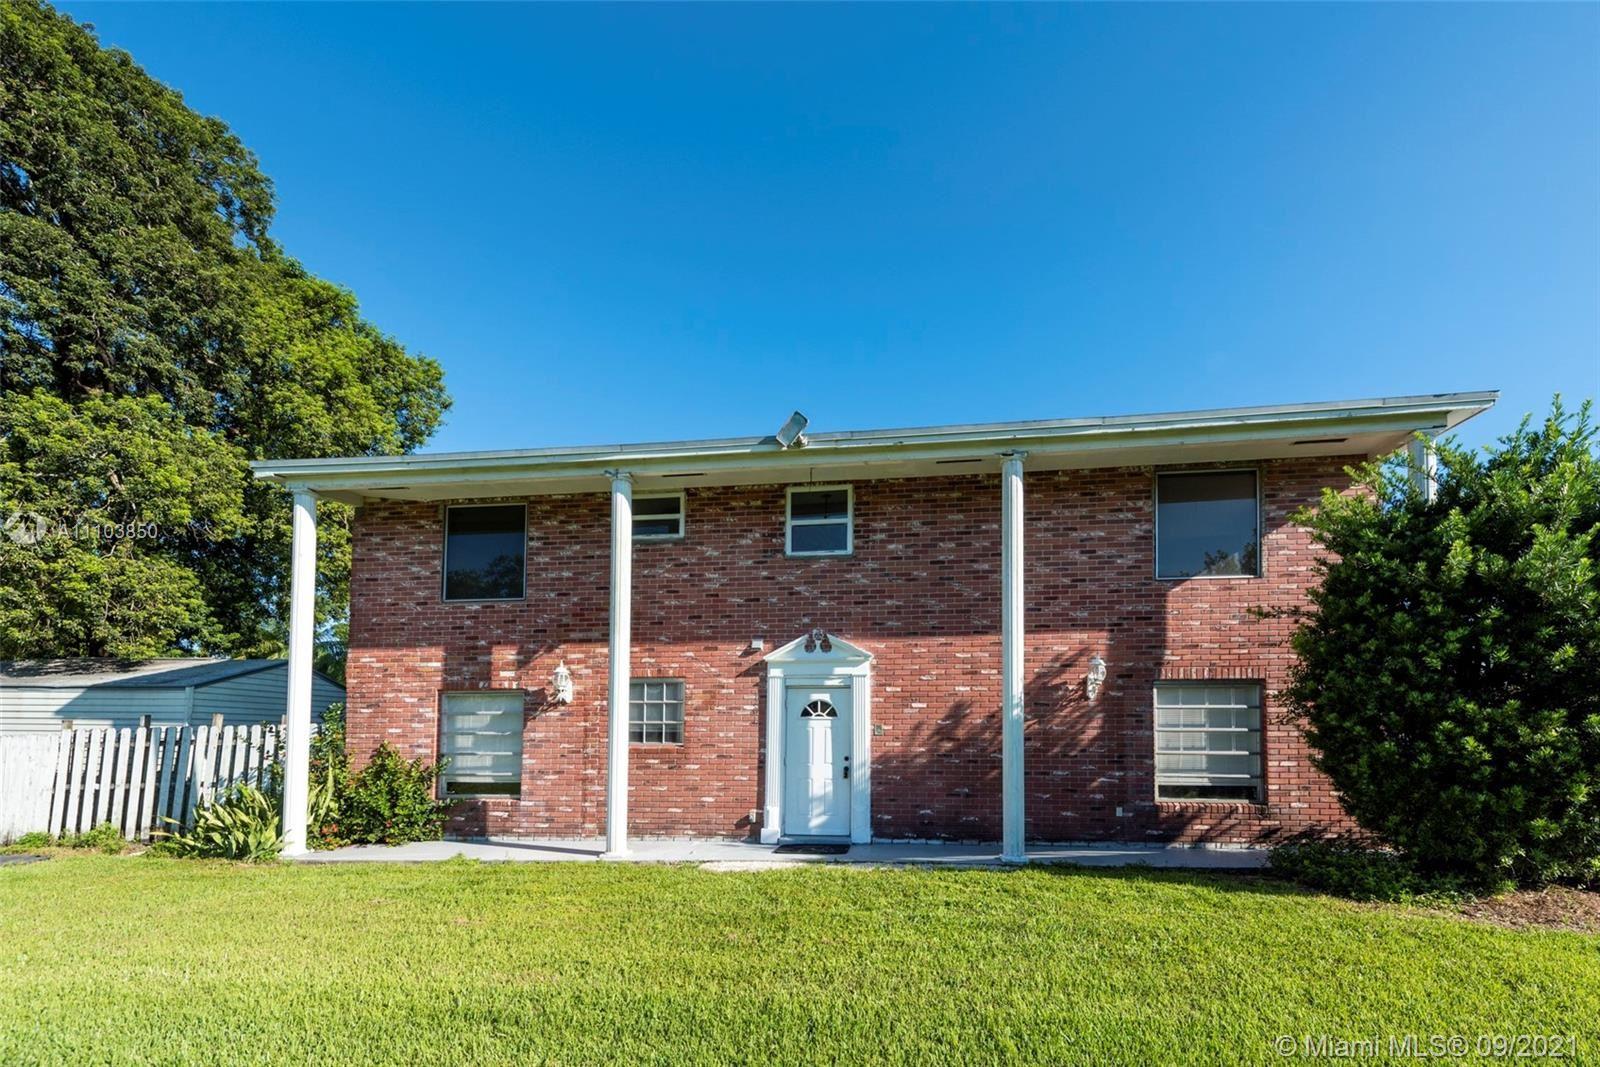 1201 Old Hiatus Rd, Plantation, FL 33323 - #: A11103850